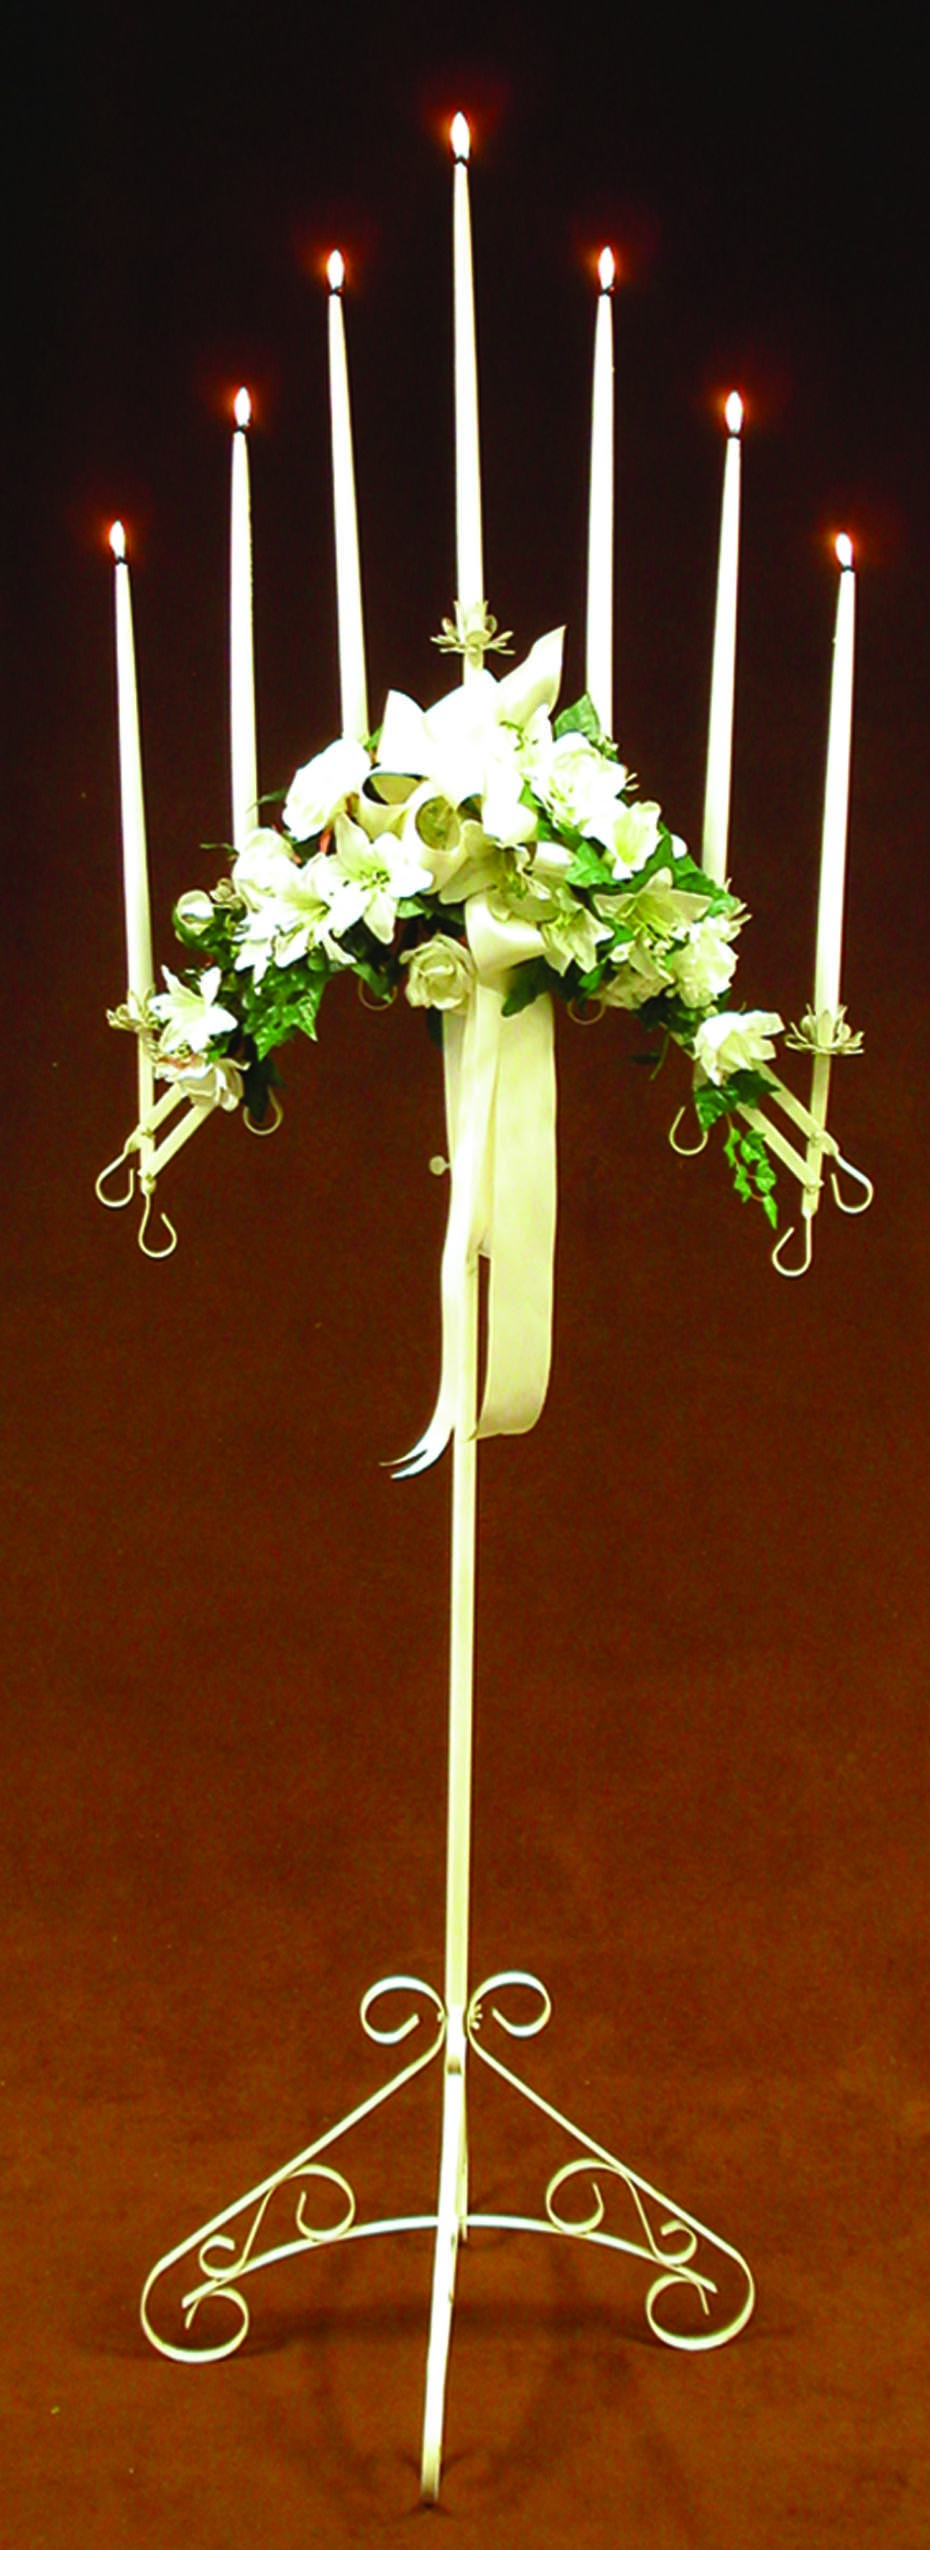 Branched candelabra